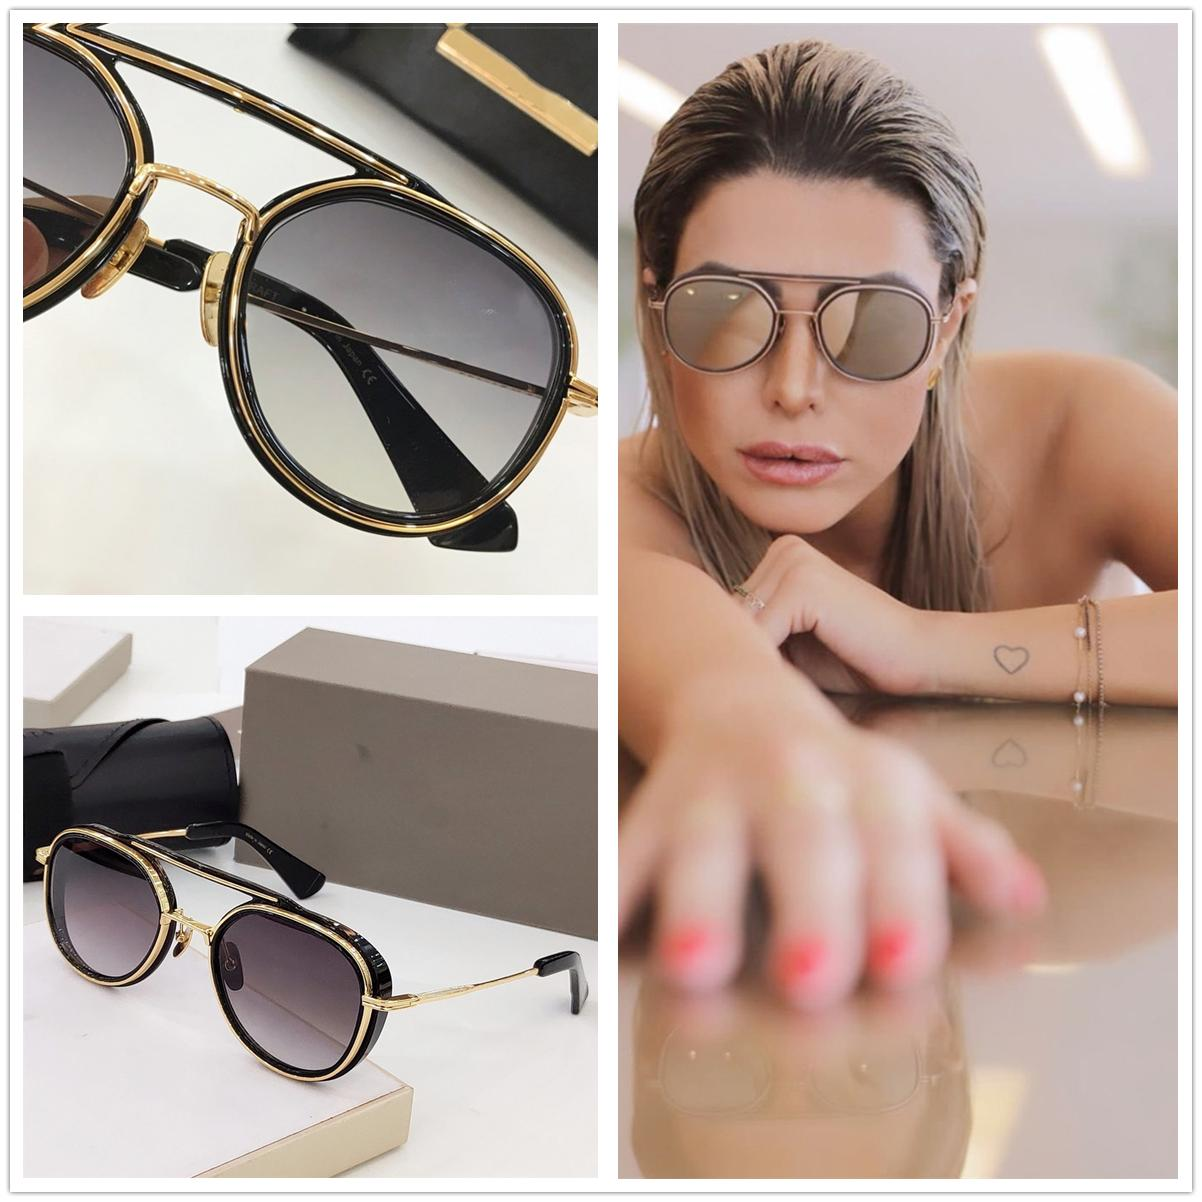 2020 el nuevo del diseñador gafas de sol de la marca de gafas de sol de la vendimia redonda de moda Gafas de sol rosadas anti Refelction conducción Eyewear UV400 19017